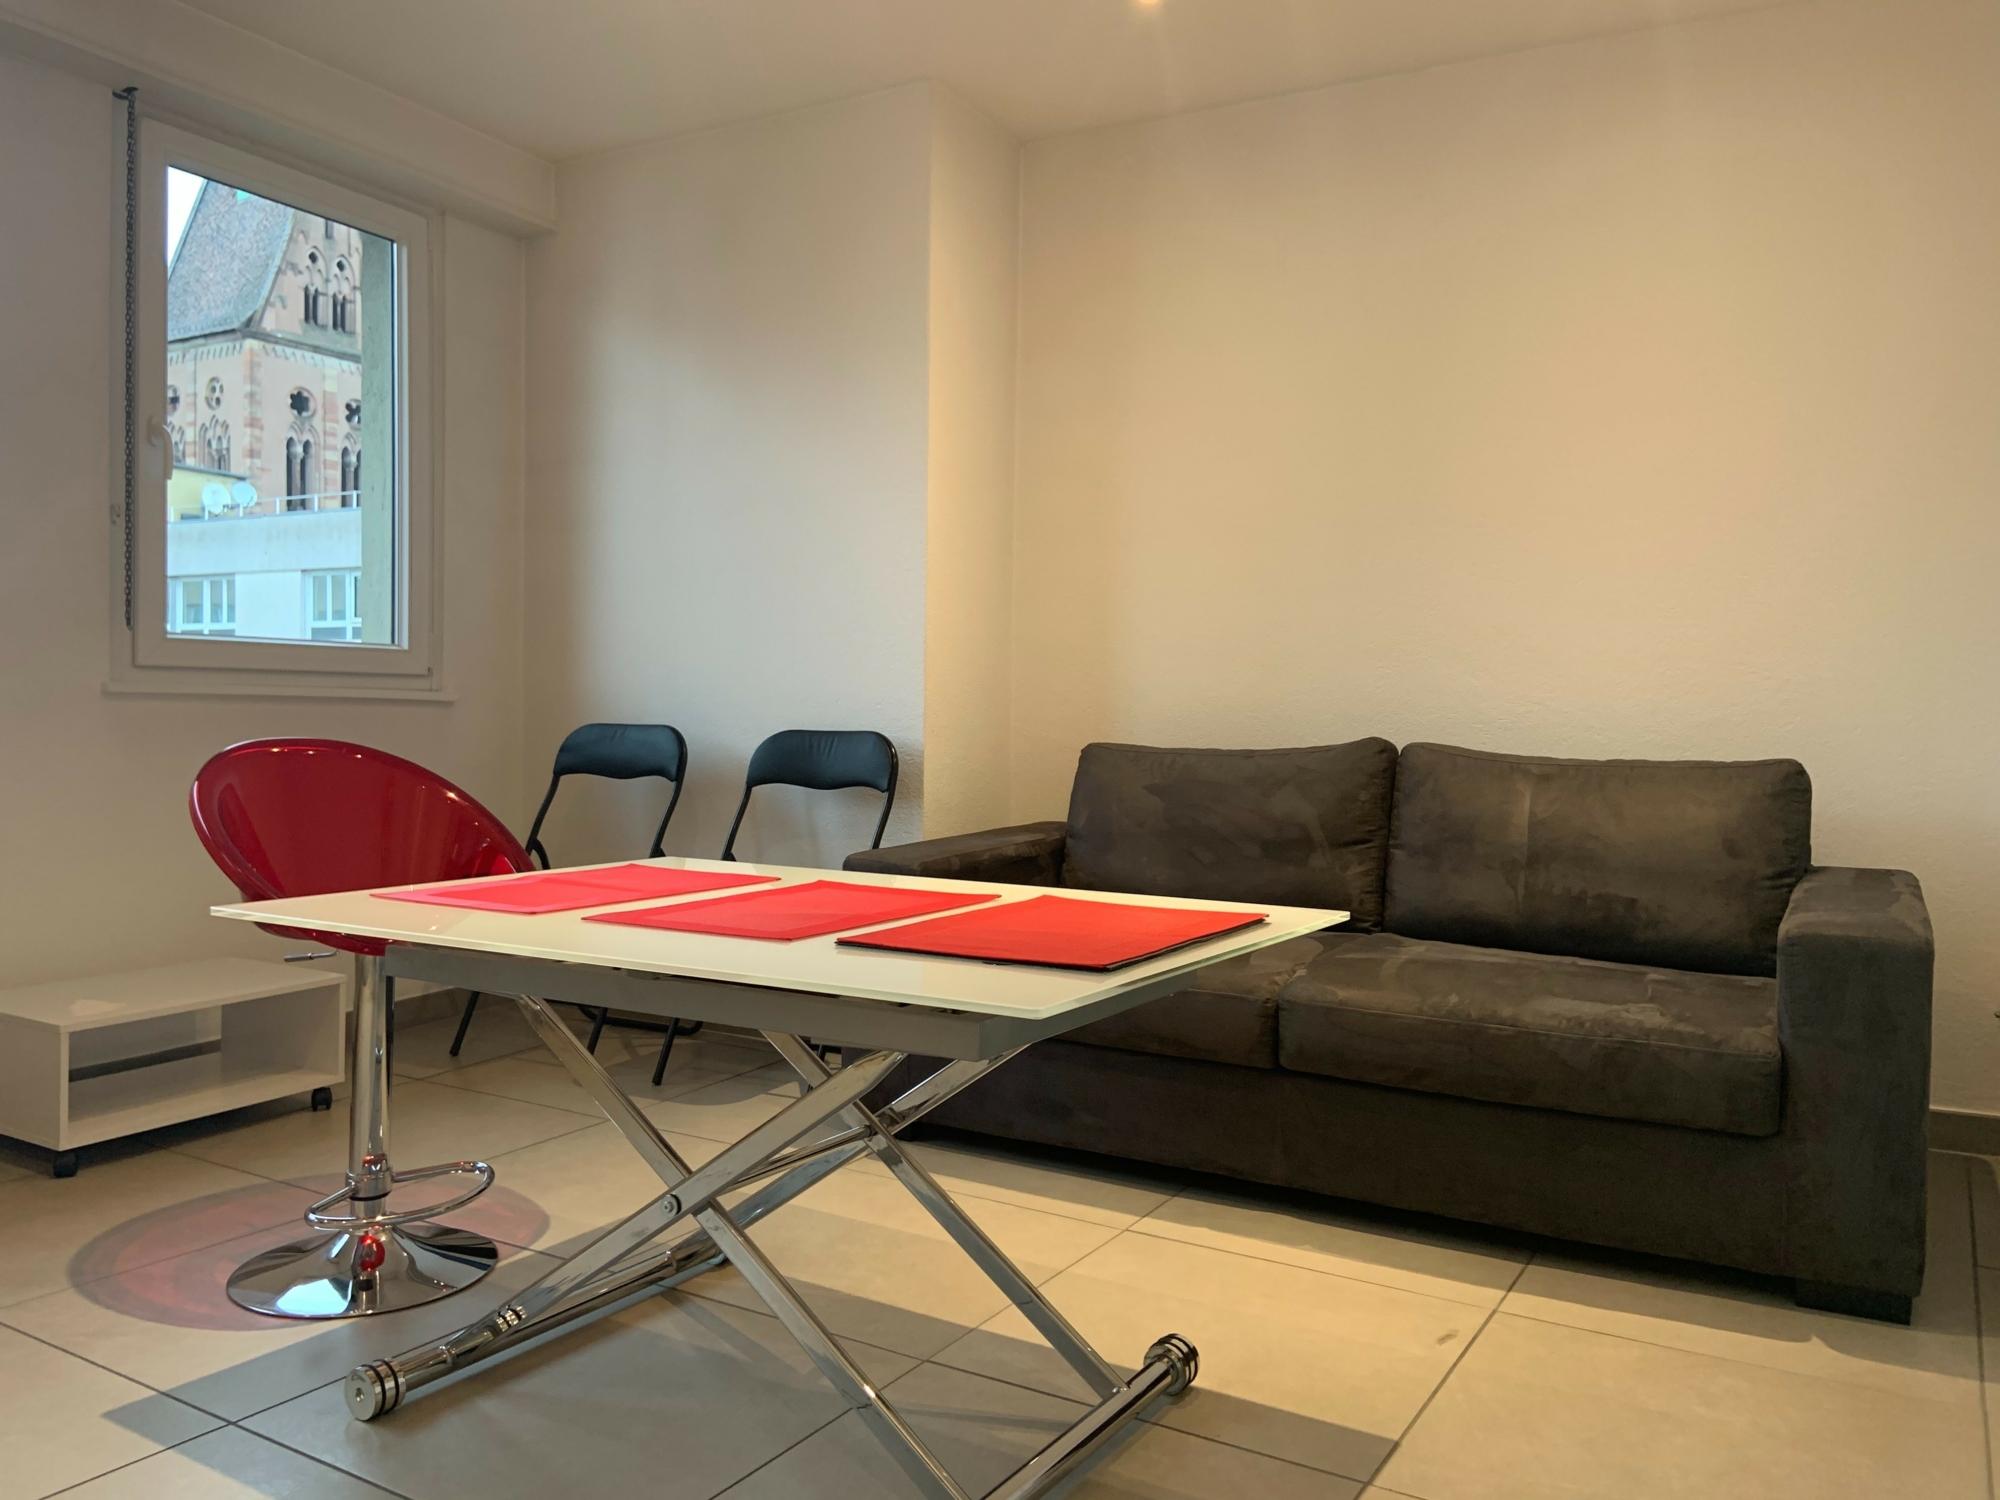 2 pièces meublé en parfait état - Strasbourg Broglie / rue Thomann - nos locations - Beausite Immobilier 1